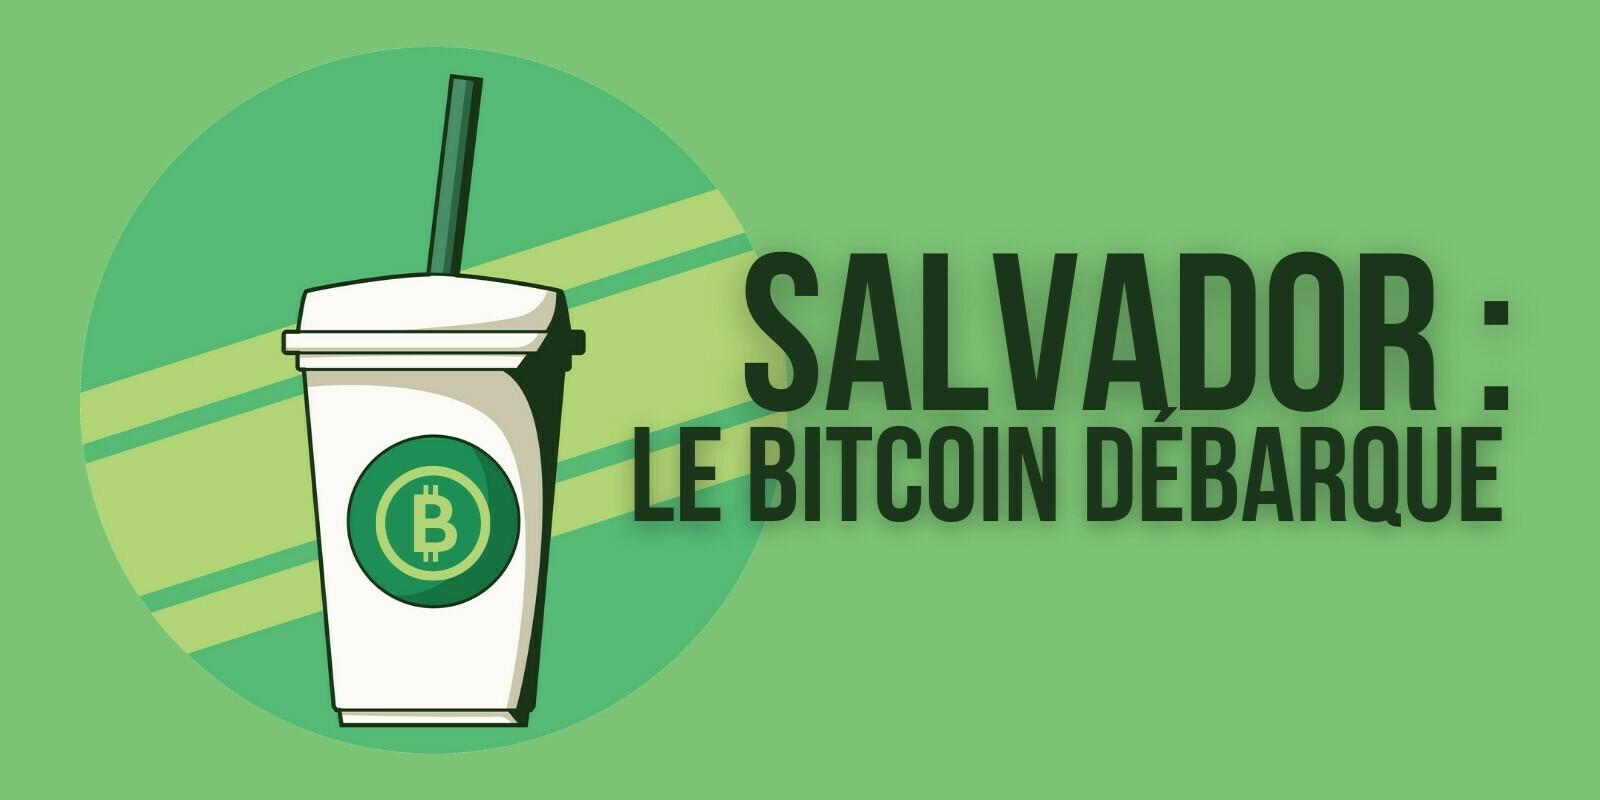 Au Salvador, Starbucks, McDonald's et les autres ont été obligés de se mettre au Bitcoin (BTC)